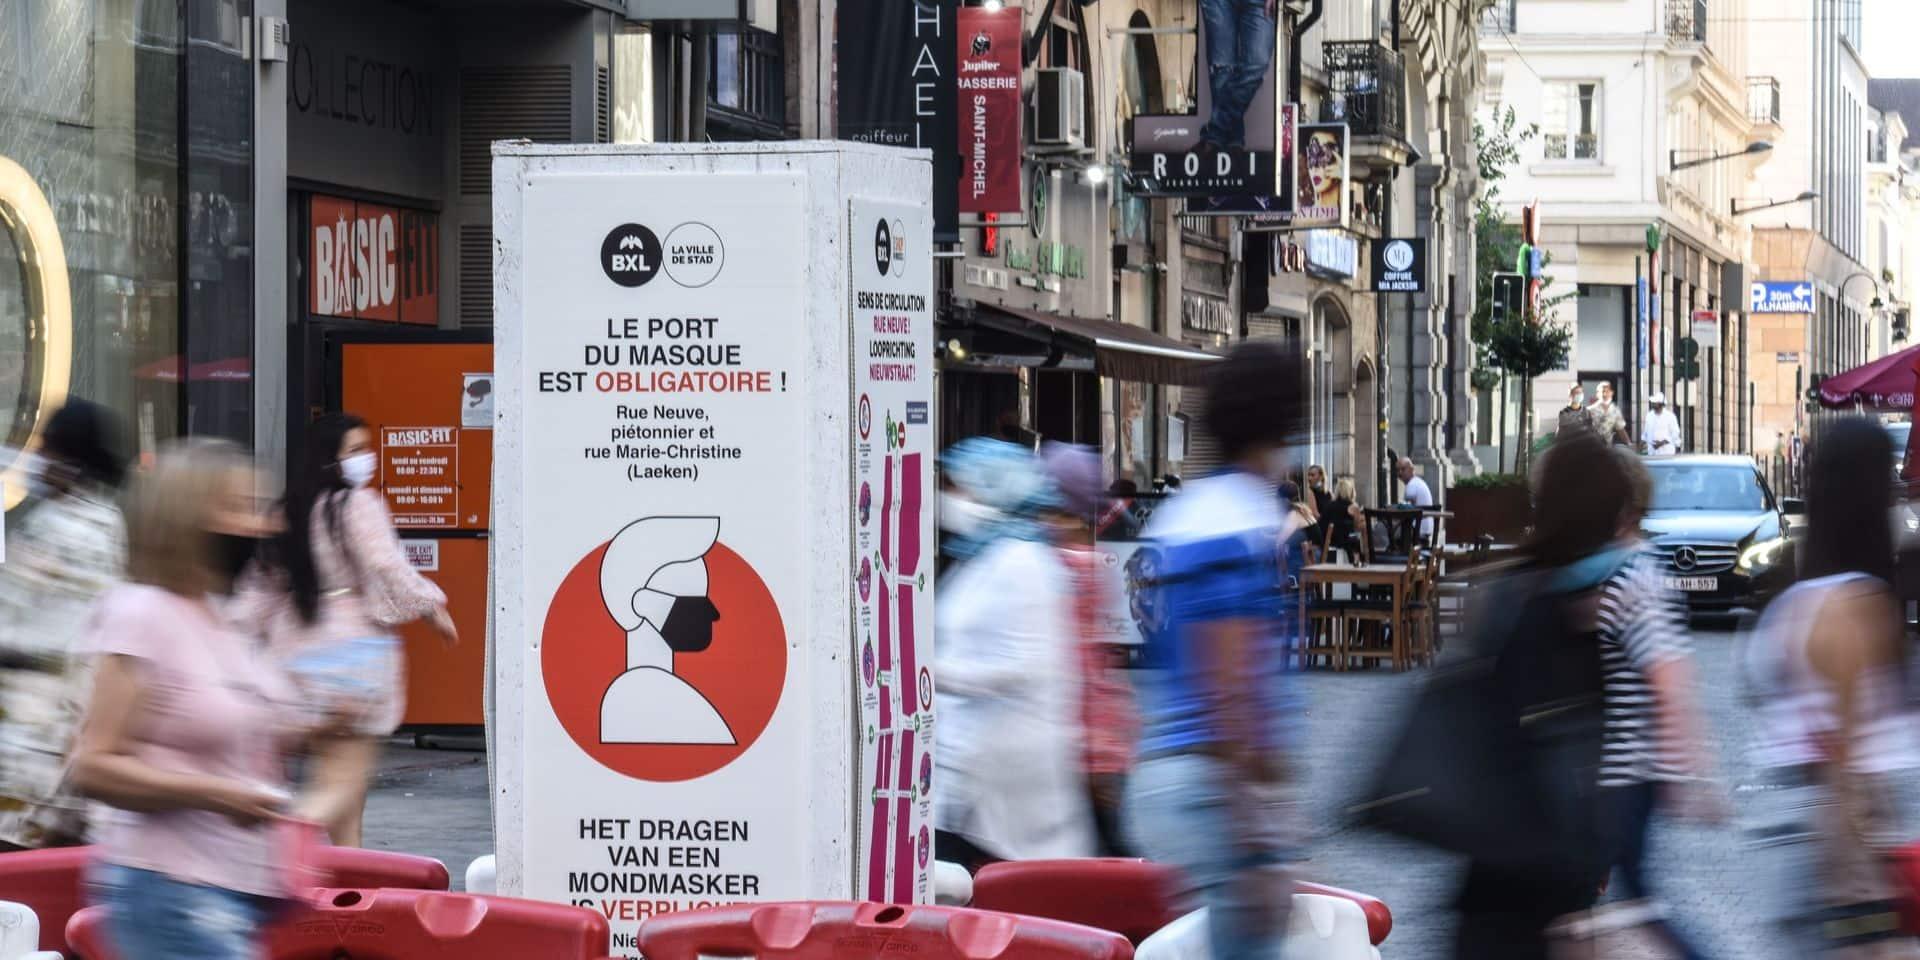 Voici les lieux où le masque sera encore obligatoire en Région bruxelloise